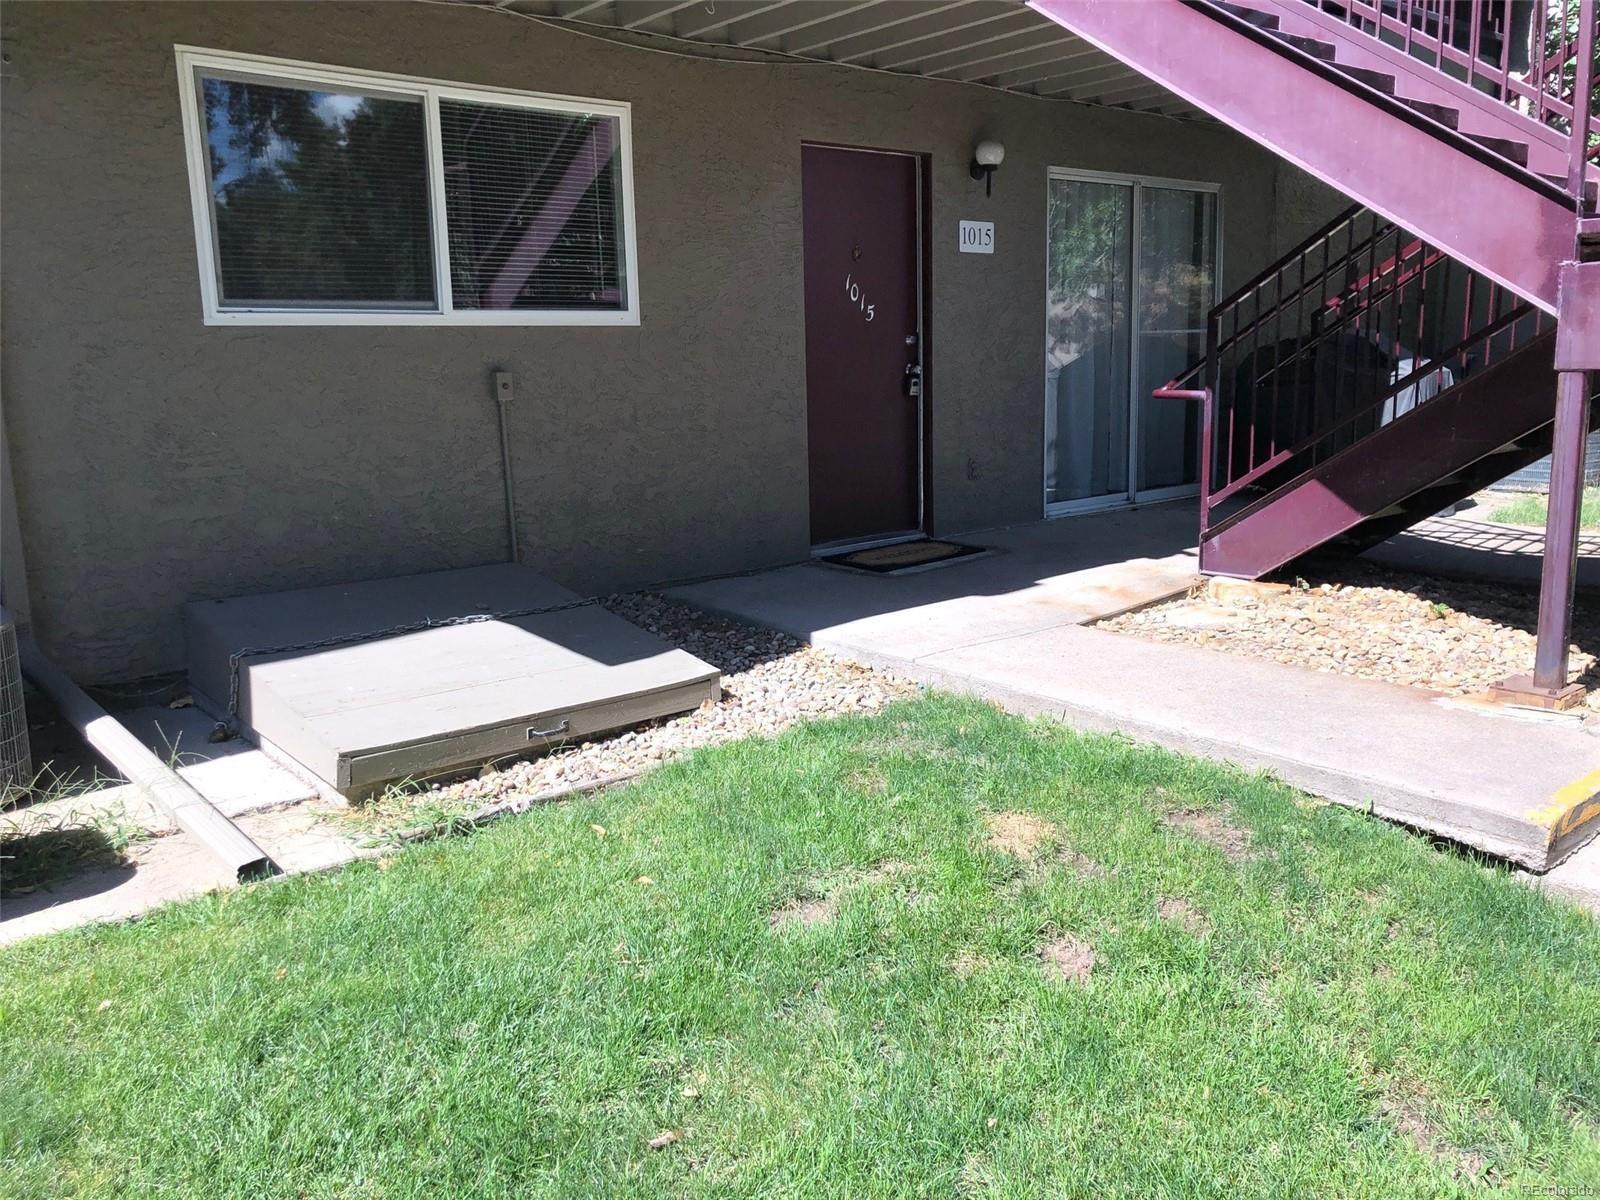 MLS# 5549061 - 9 - 5300 E Cherry Creek South Drive #1015, Denver, CO 80246